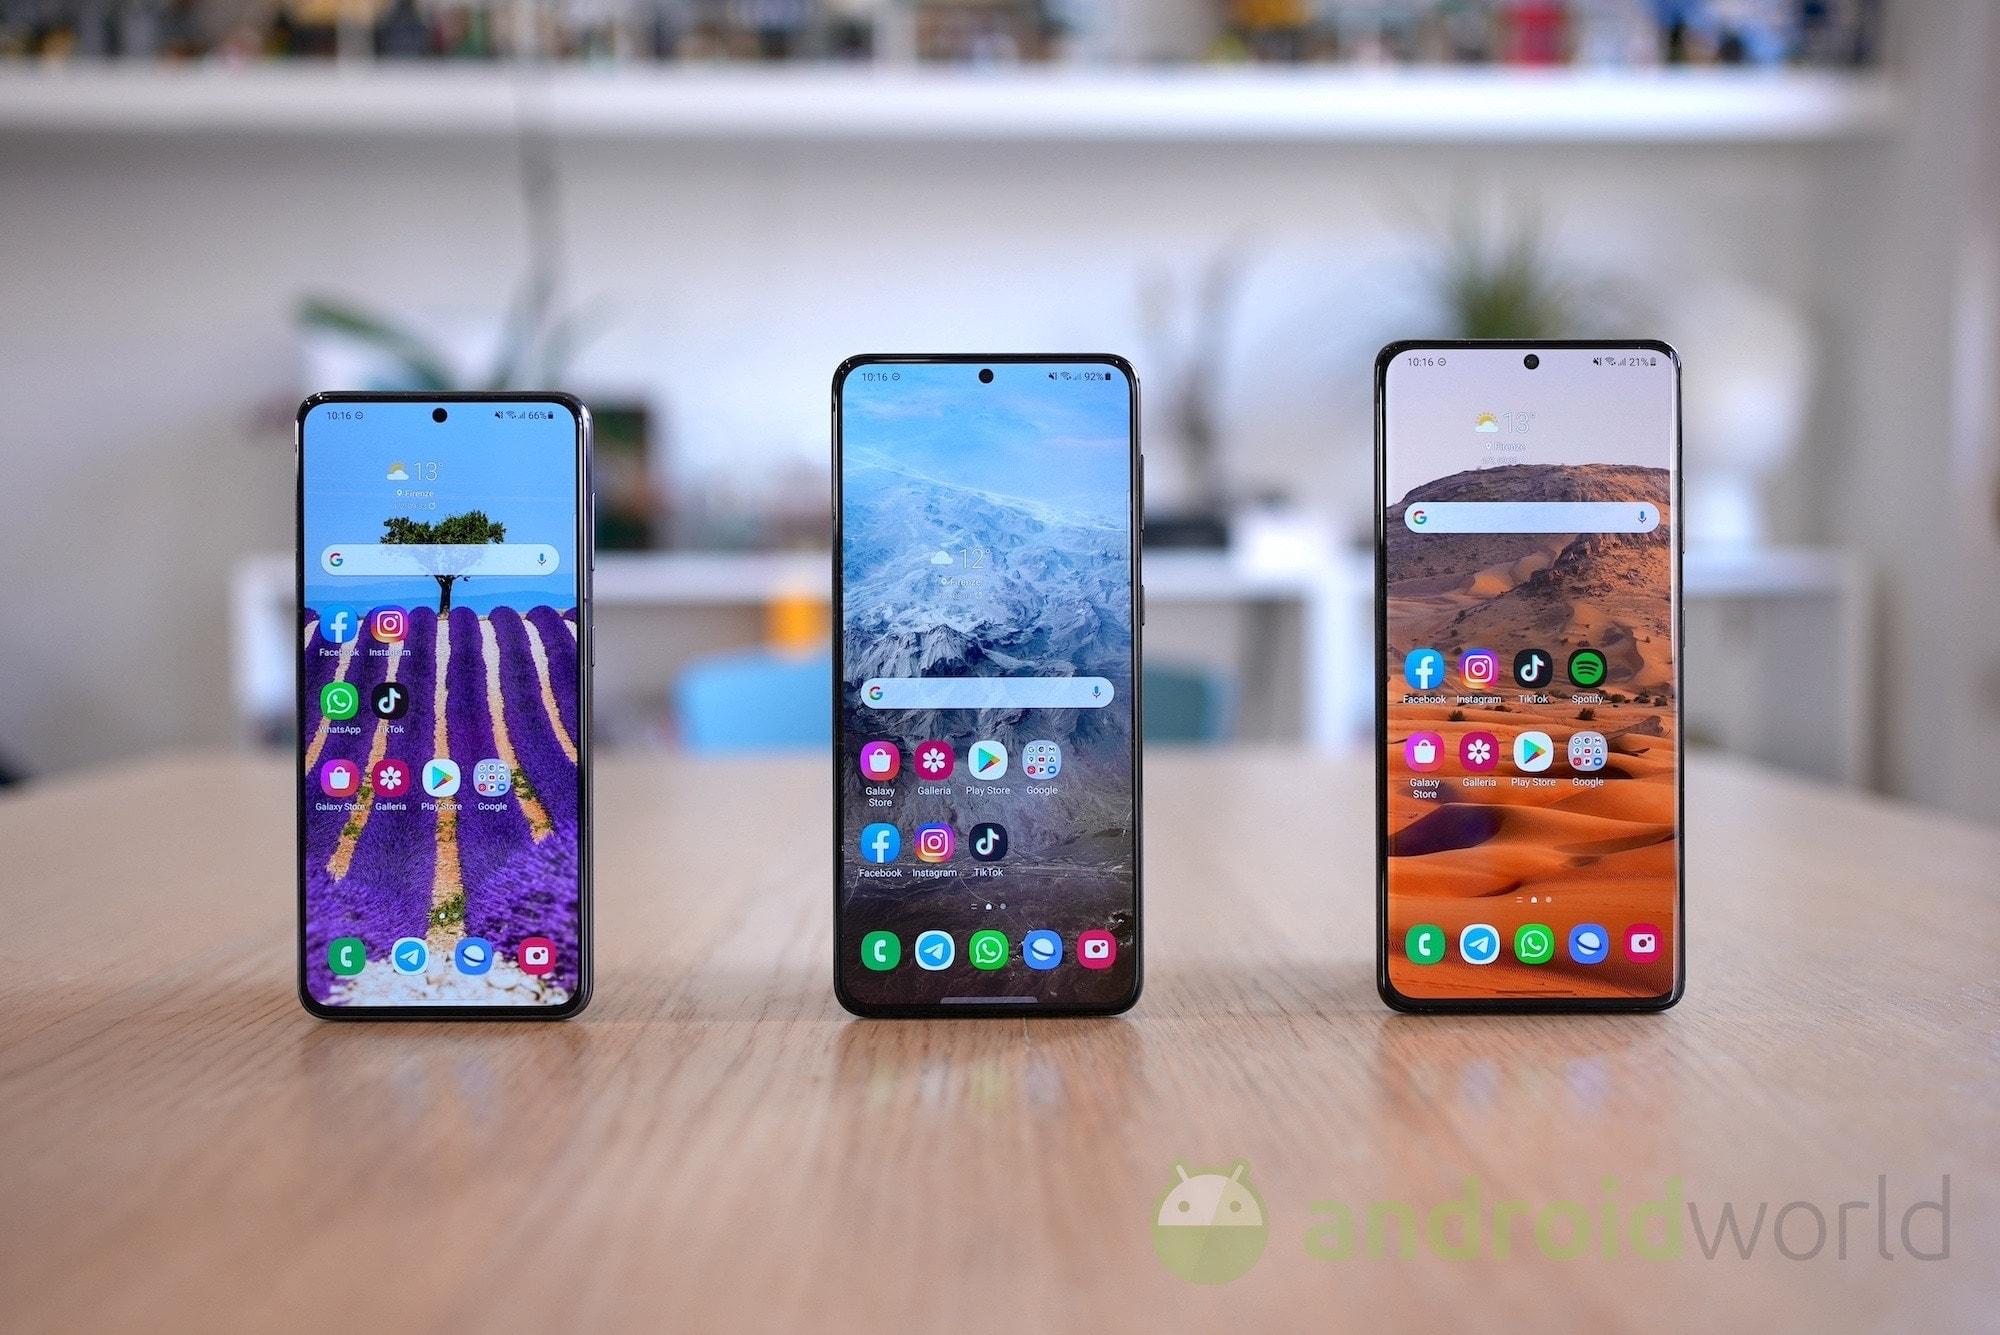 La serie Galaxy S21 si aggiorna e arriva la One UI 3.1.1: ecco cosa cambia (foto)